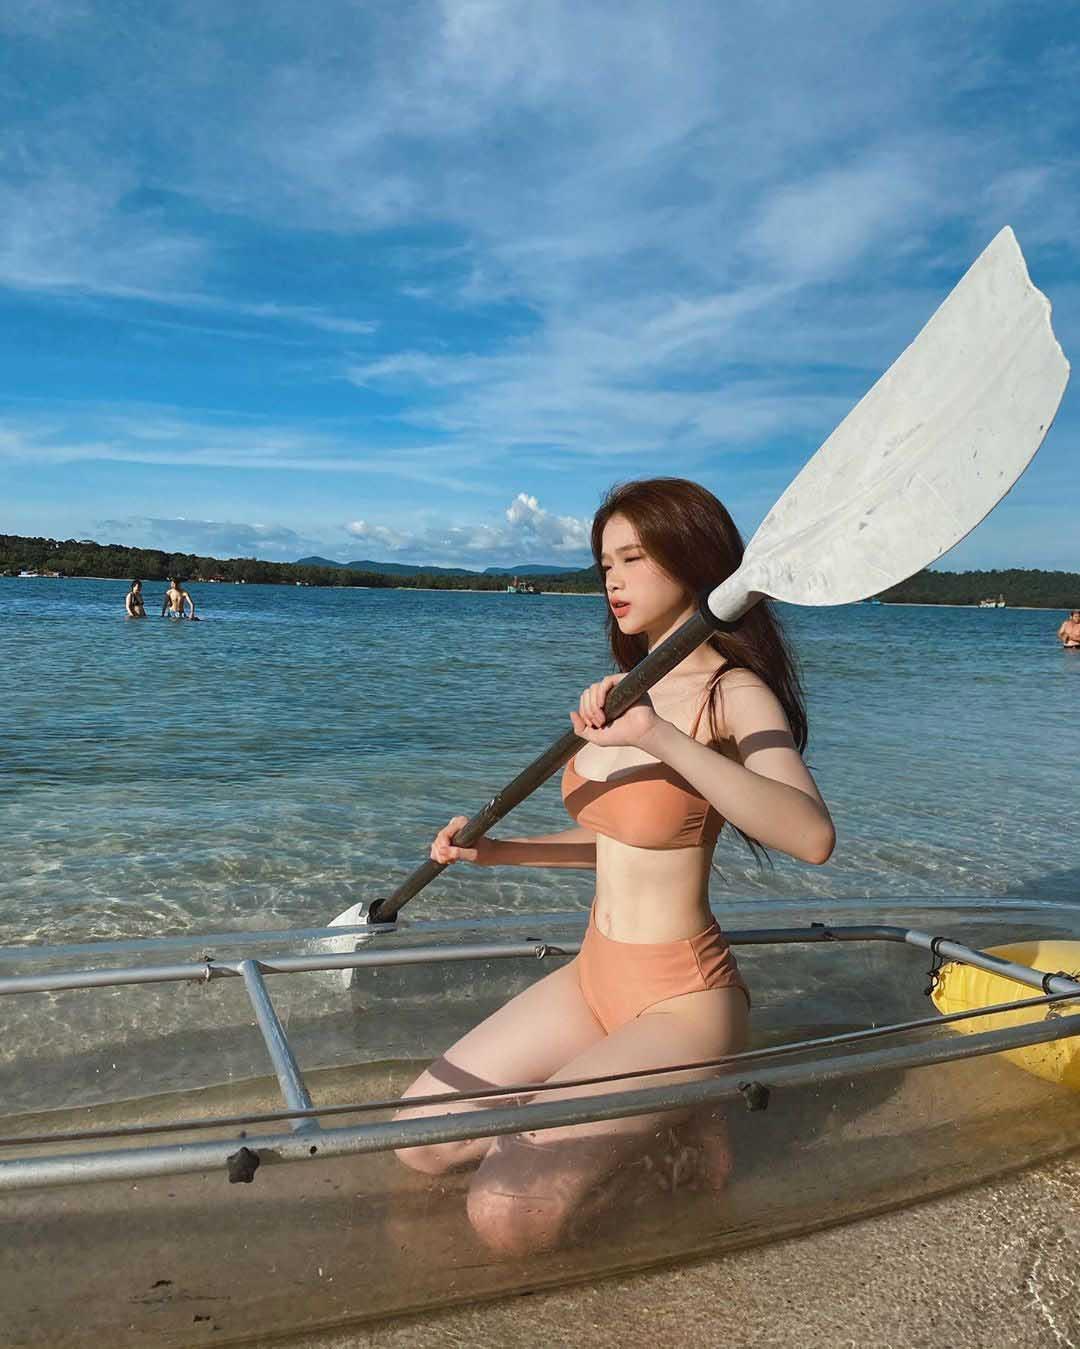 Diện bikini một mảnh, hotgirl Linh Ka khoe body đẹp miễn chê nhưng vẫn mắc phải lỗi này - Ảnh 3